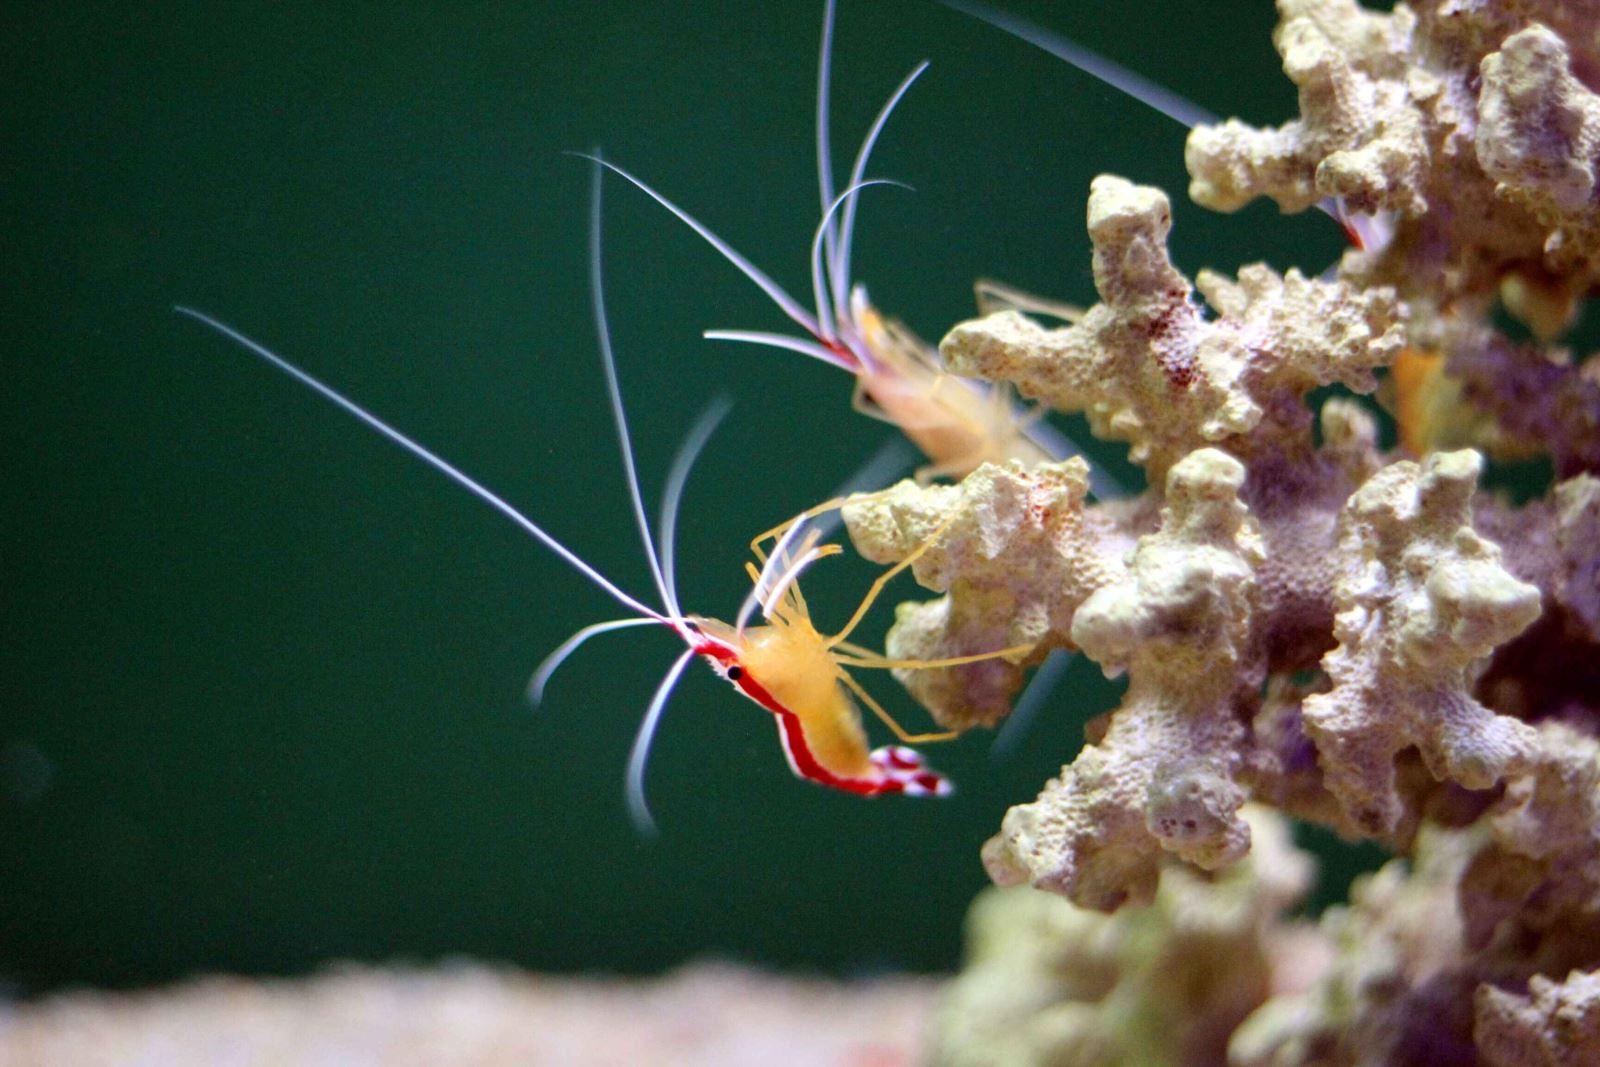 奇幻海洋 | 厉害了word小妖精!细数亚亚家那些超美的海洋精灵